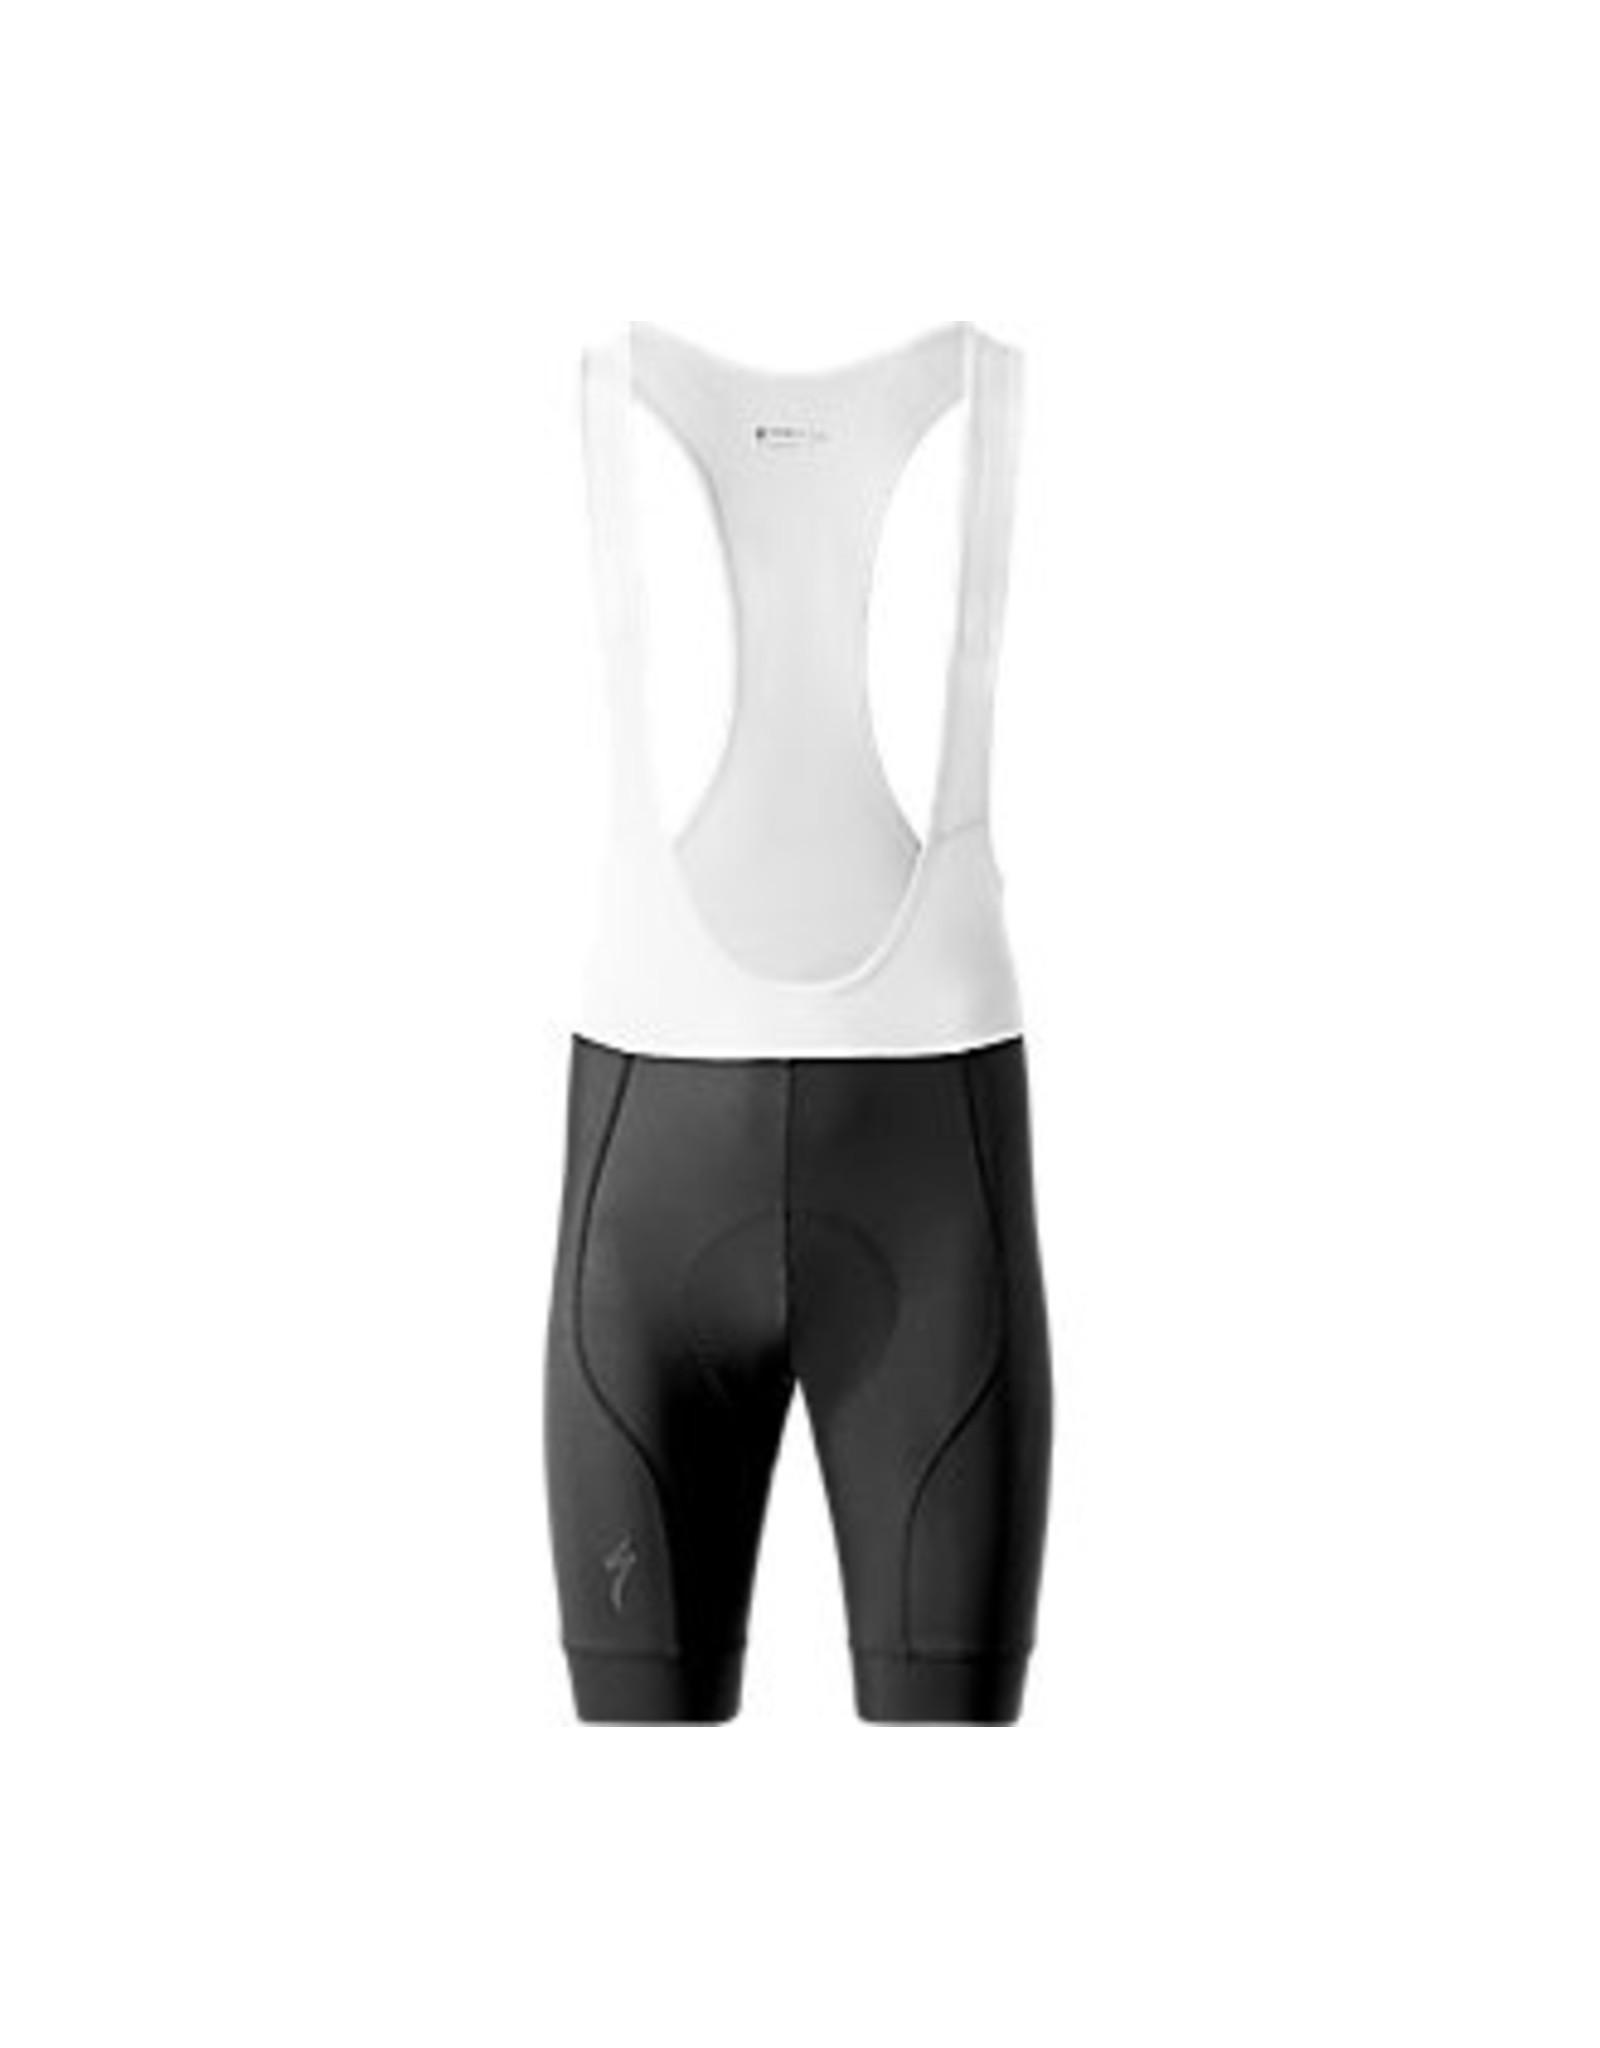 SPECIALIZED Specialized RBX Bib Shorts Black